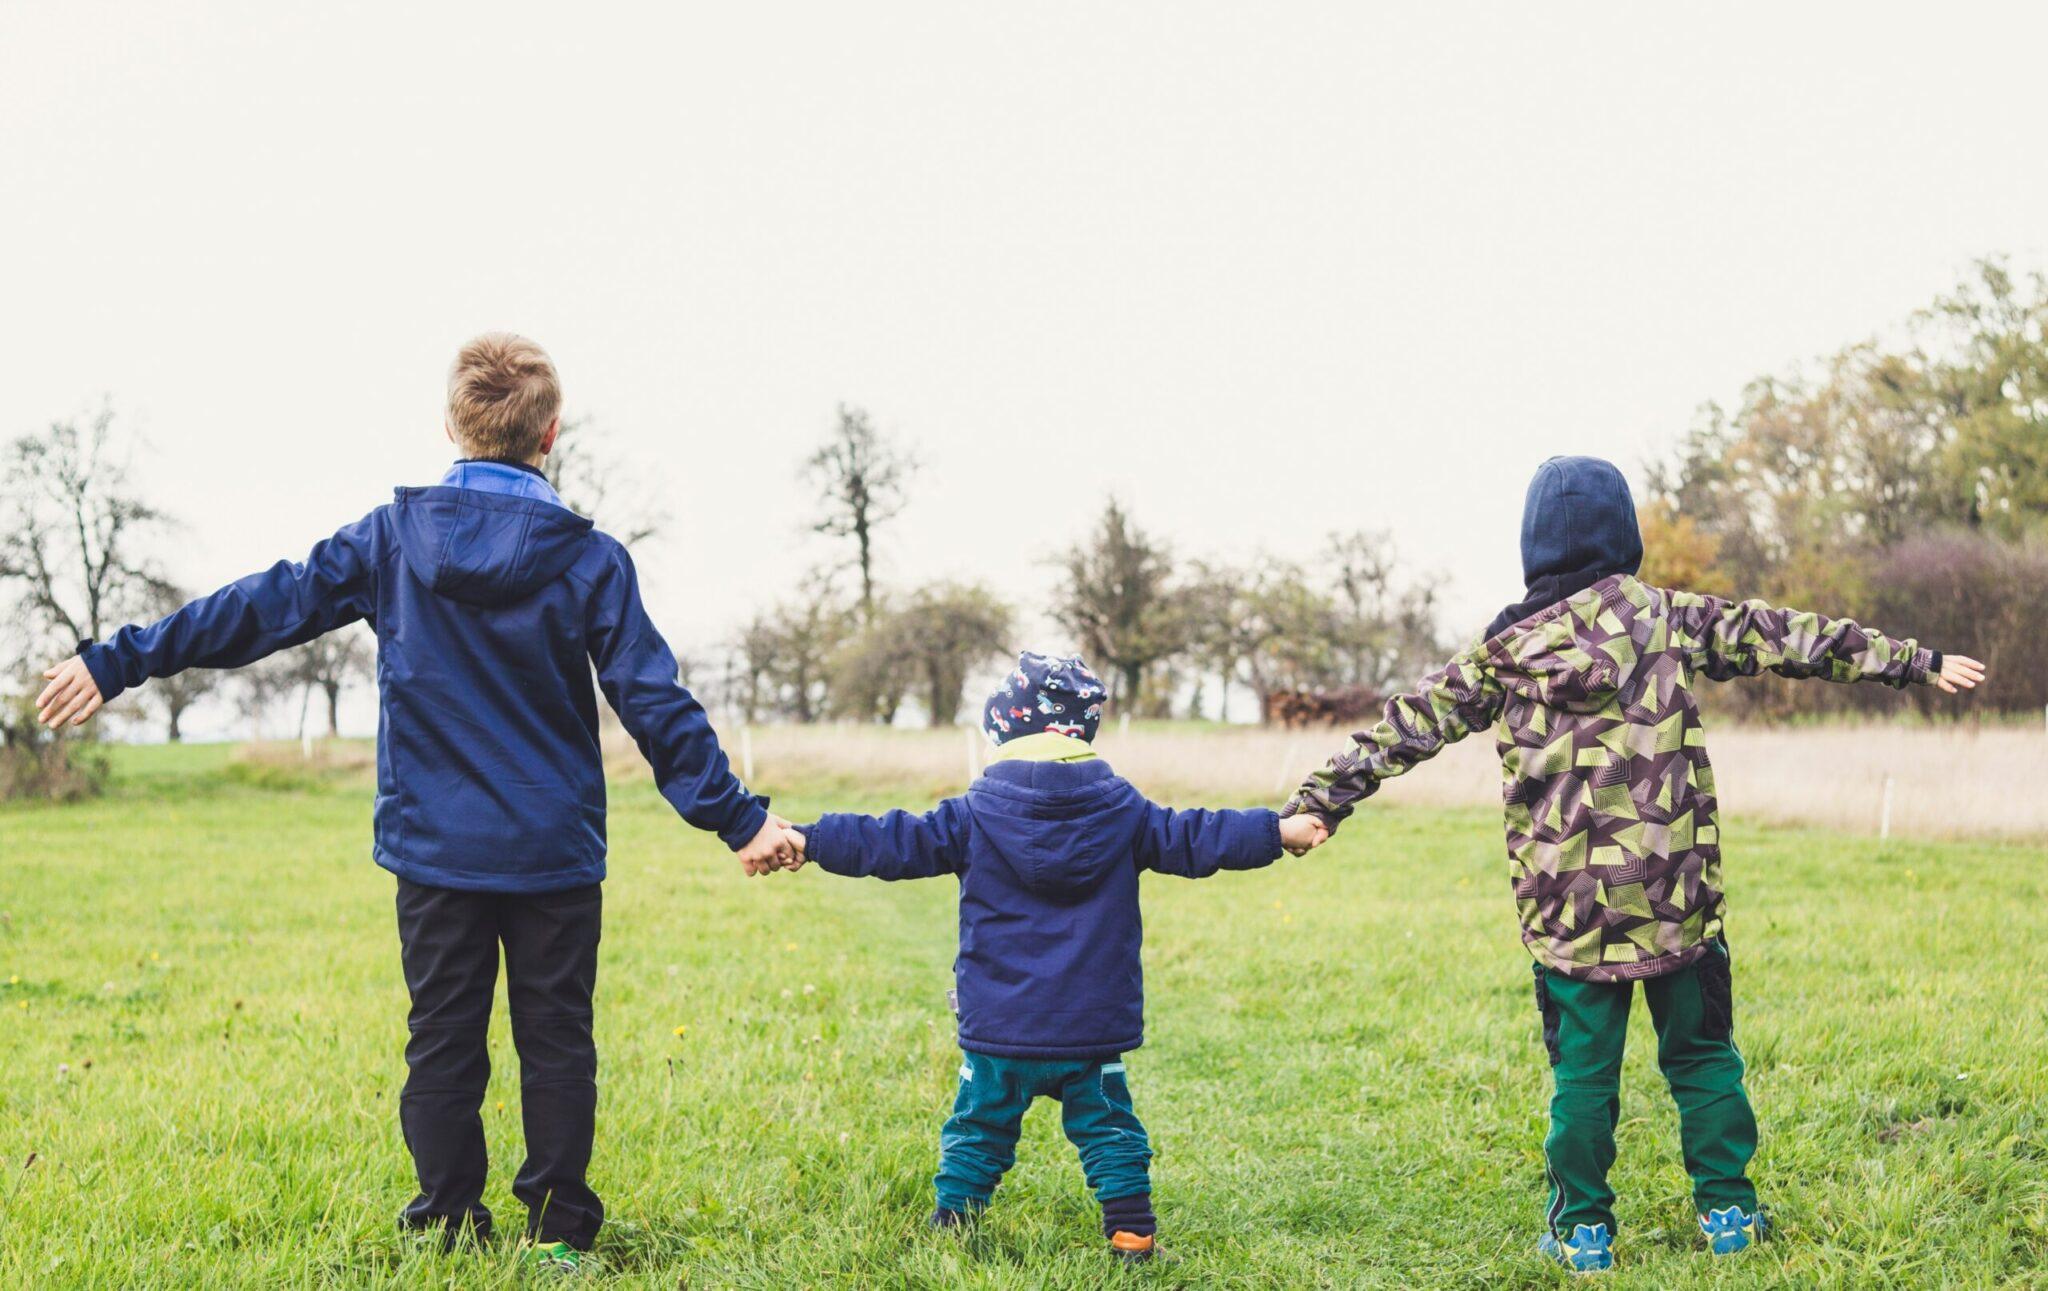 детские пособия и льготы в Германии